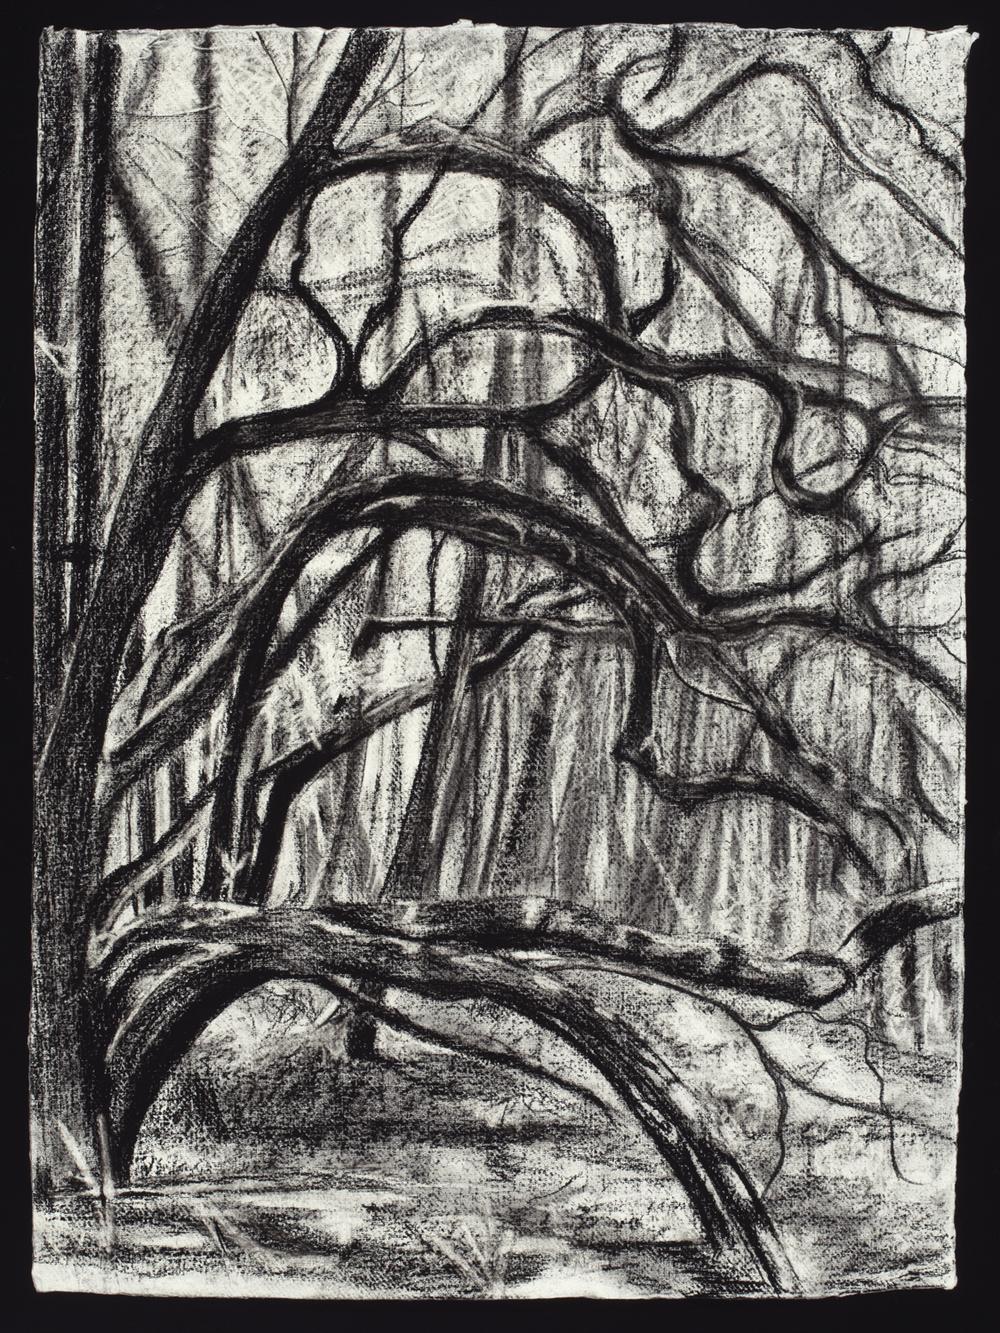 Coastal Oak, 2015